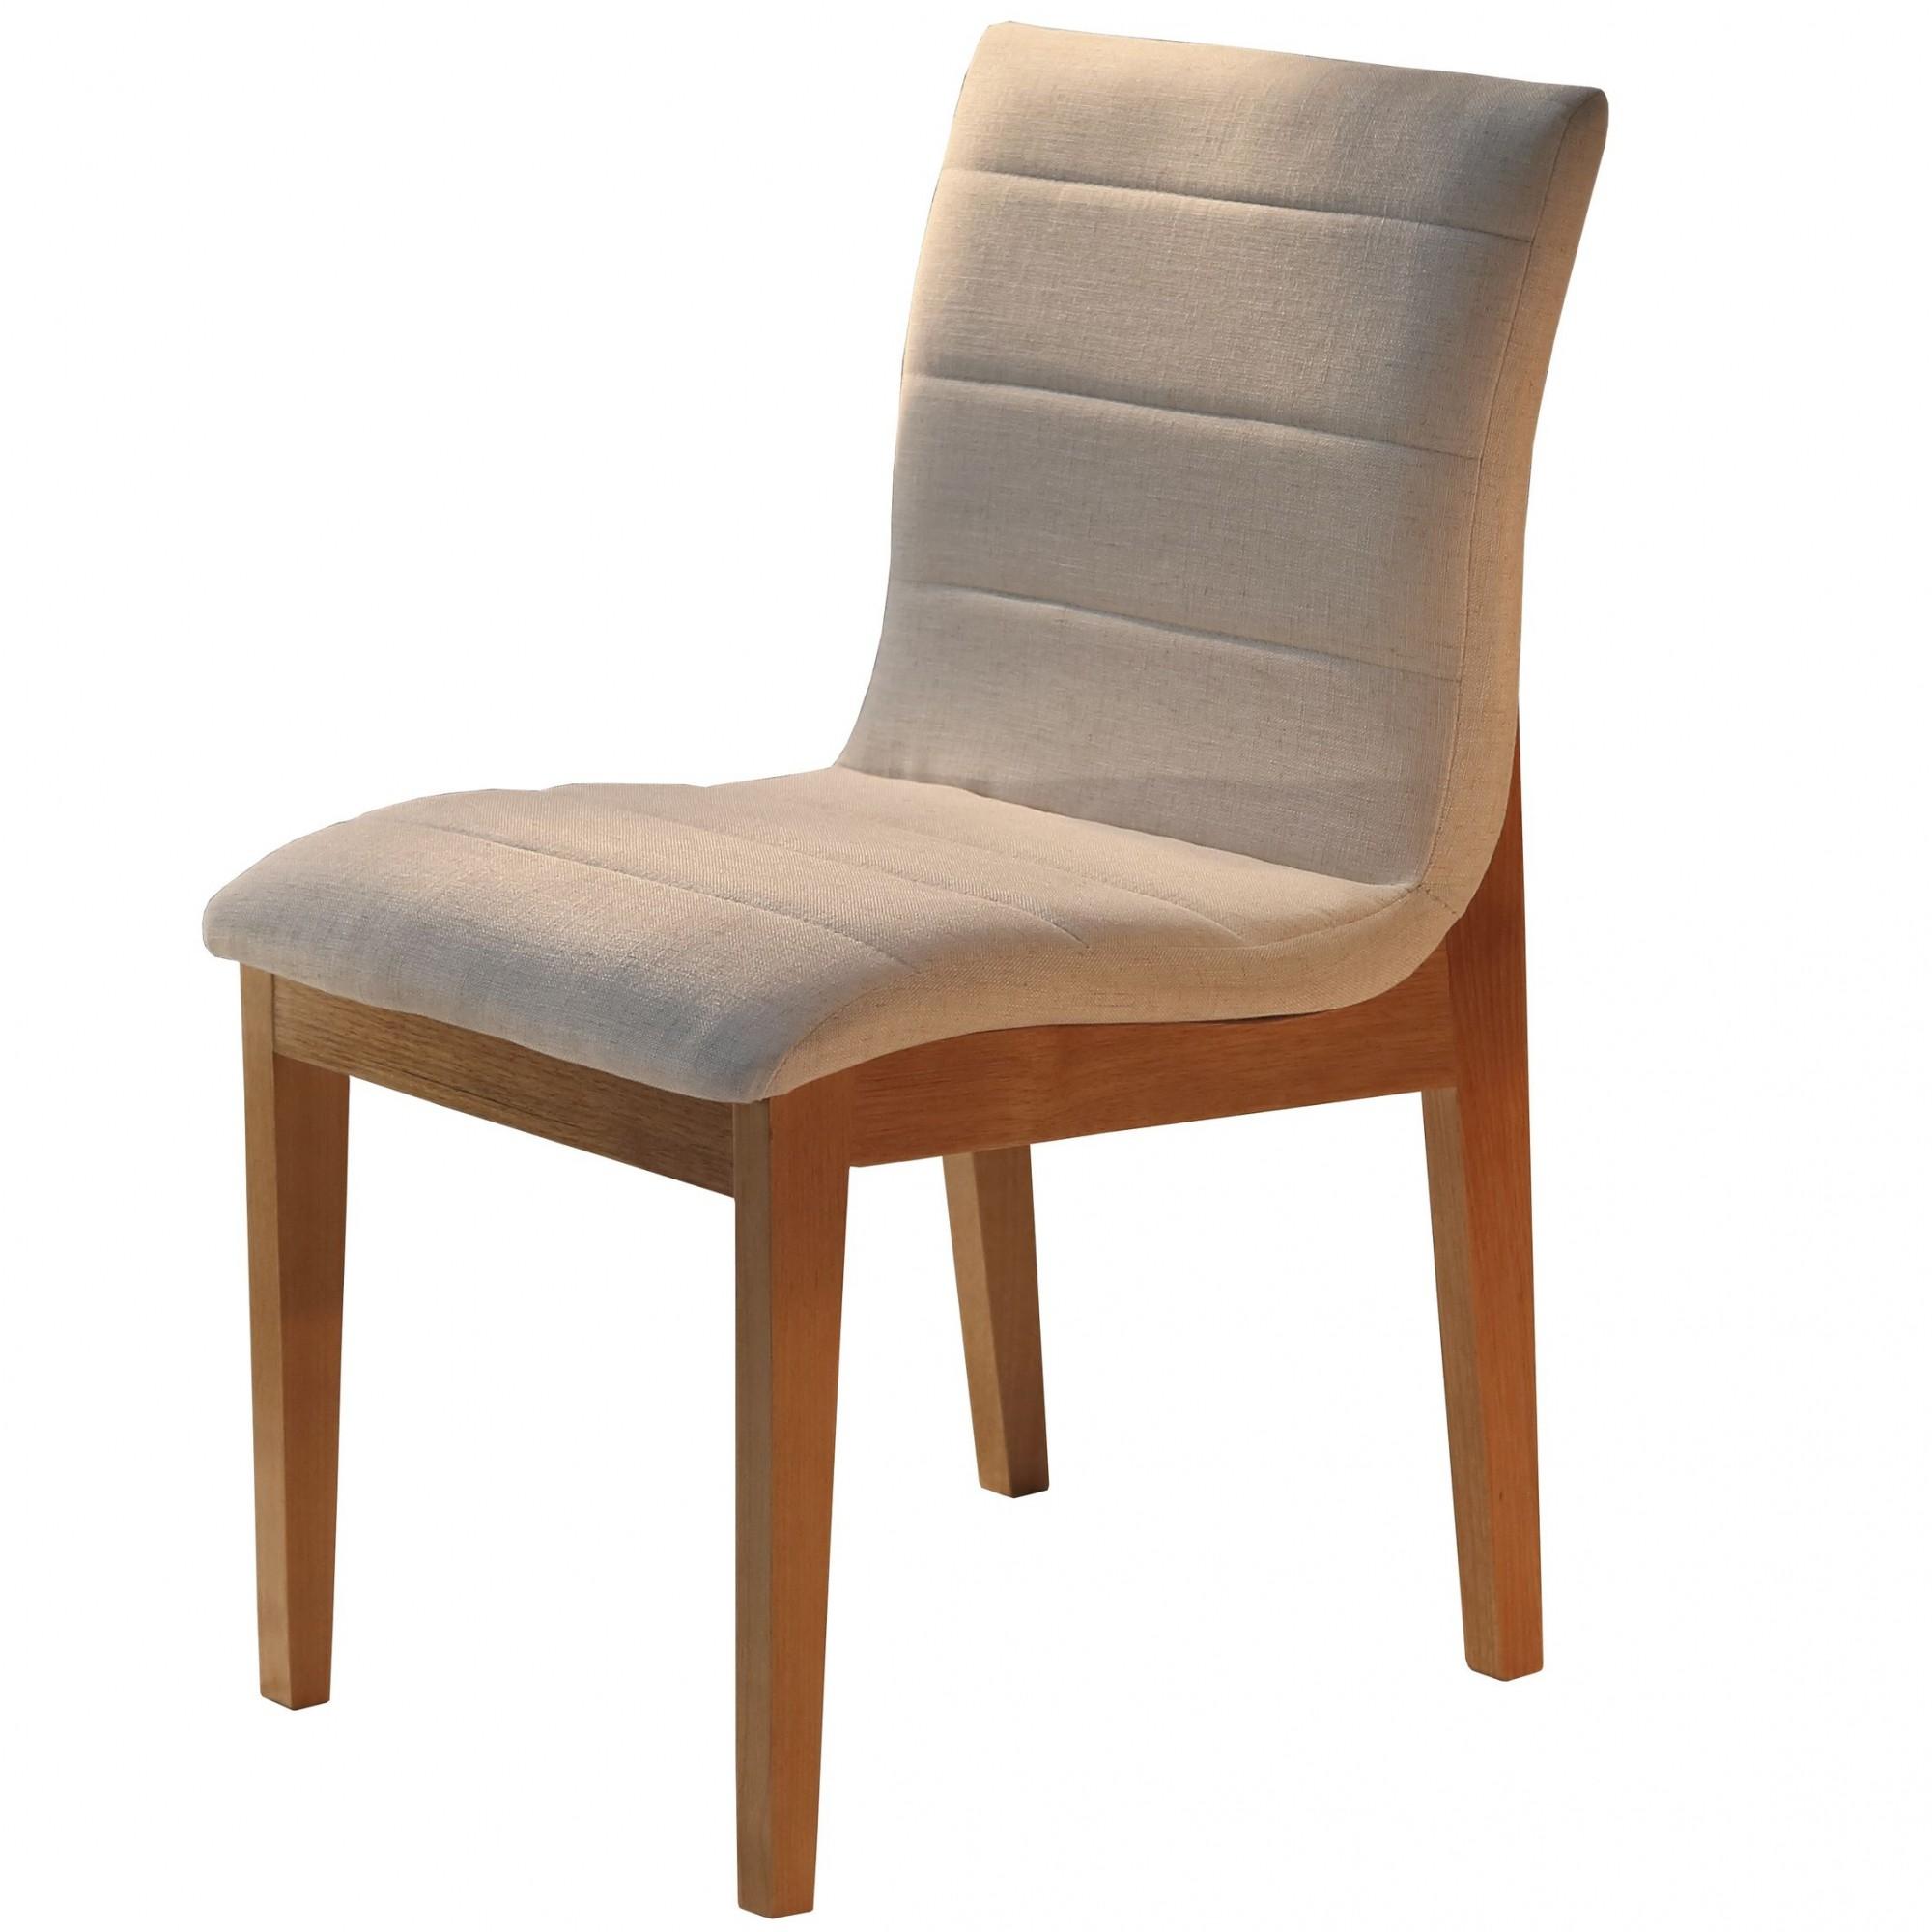 Kit 2 Cadeira Arezzo Madeira para Mesa Sala Jantar Tradição